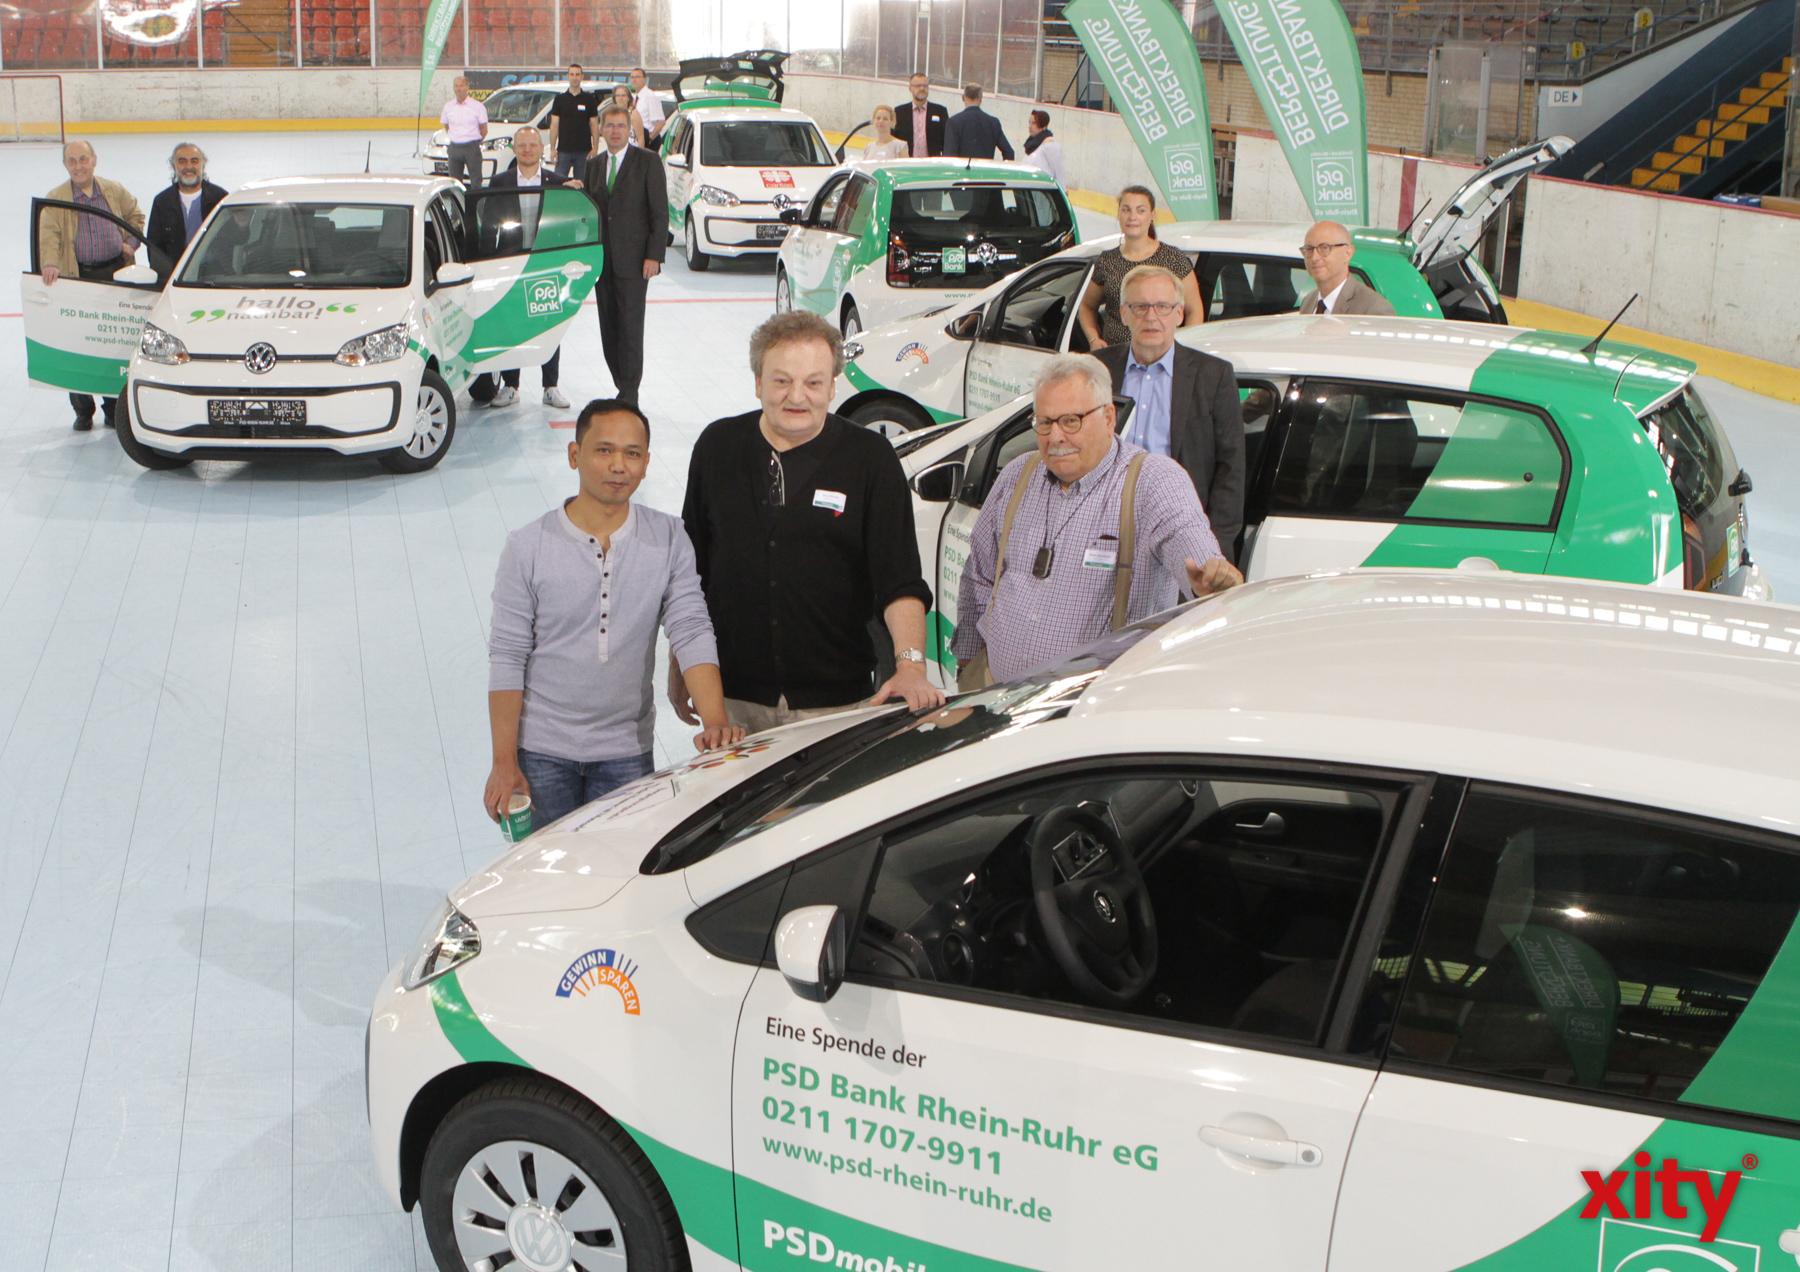 Acht gemeinnützige Vereine erhielten am Mittwoch ein neues Auto gespendet (Foto: xity)